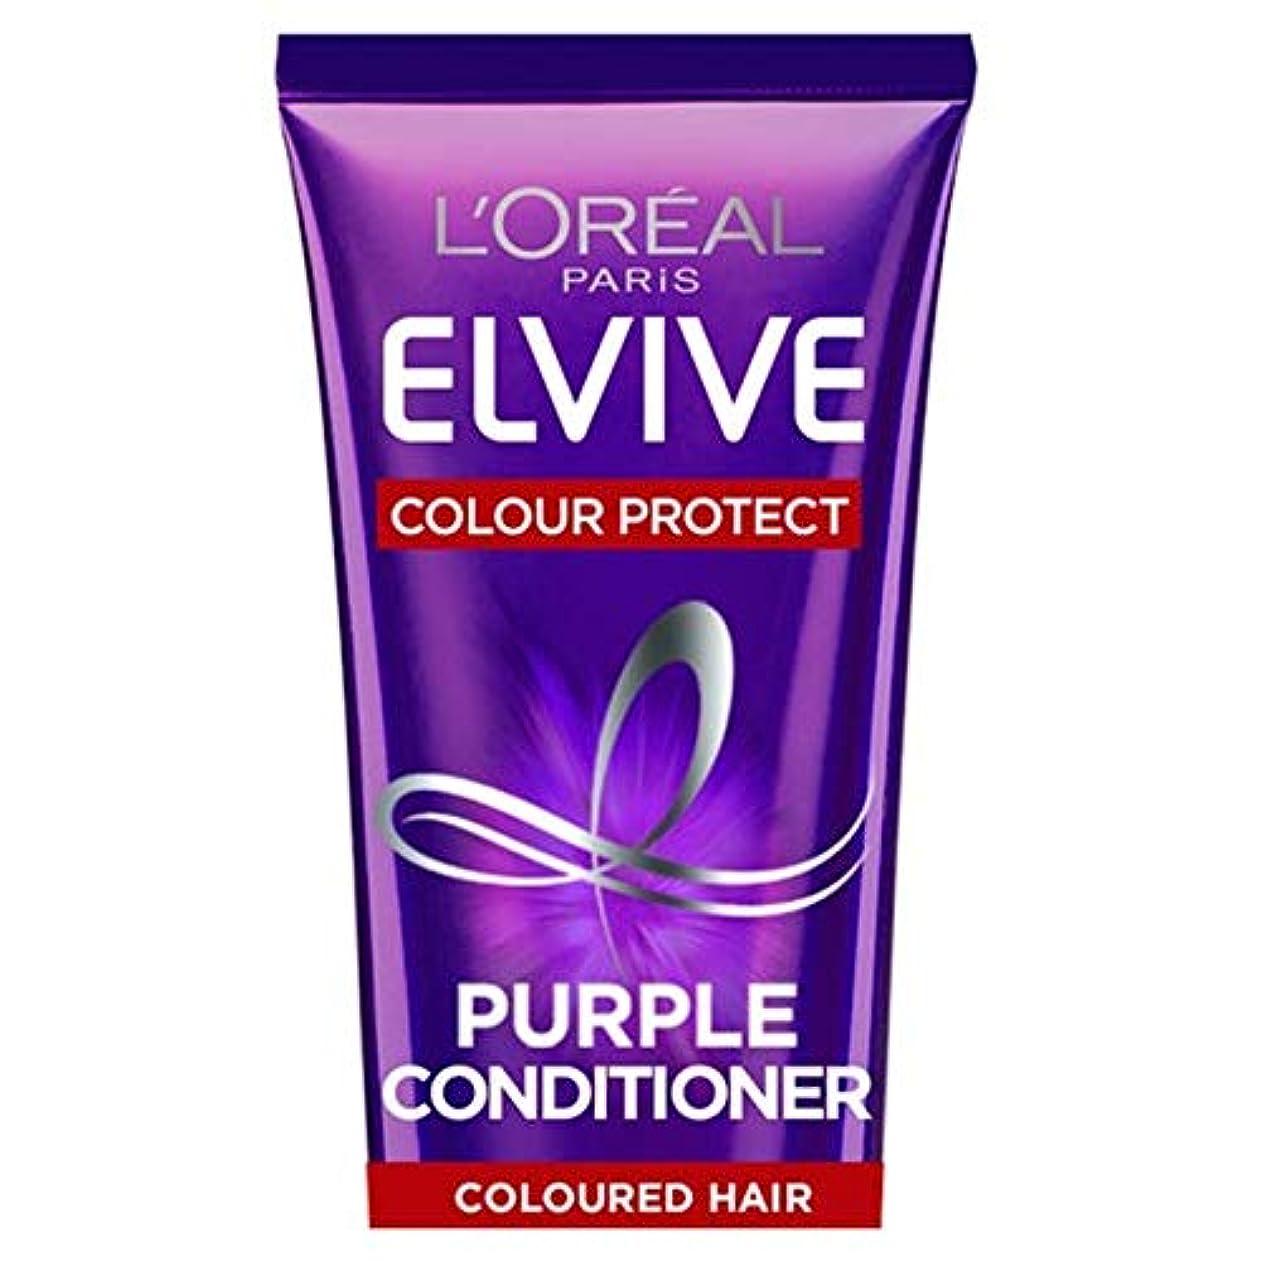 置換ダニ突進[Elvive] ロレアルElvive色は紫コンディショナー150ミリリットルを保護します - L'oreal Elvive Colour Protect Purple Conditioner 150Ml [並行輸入品]